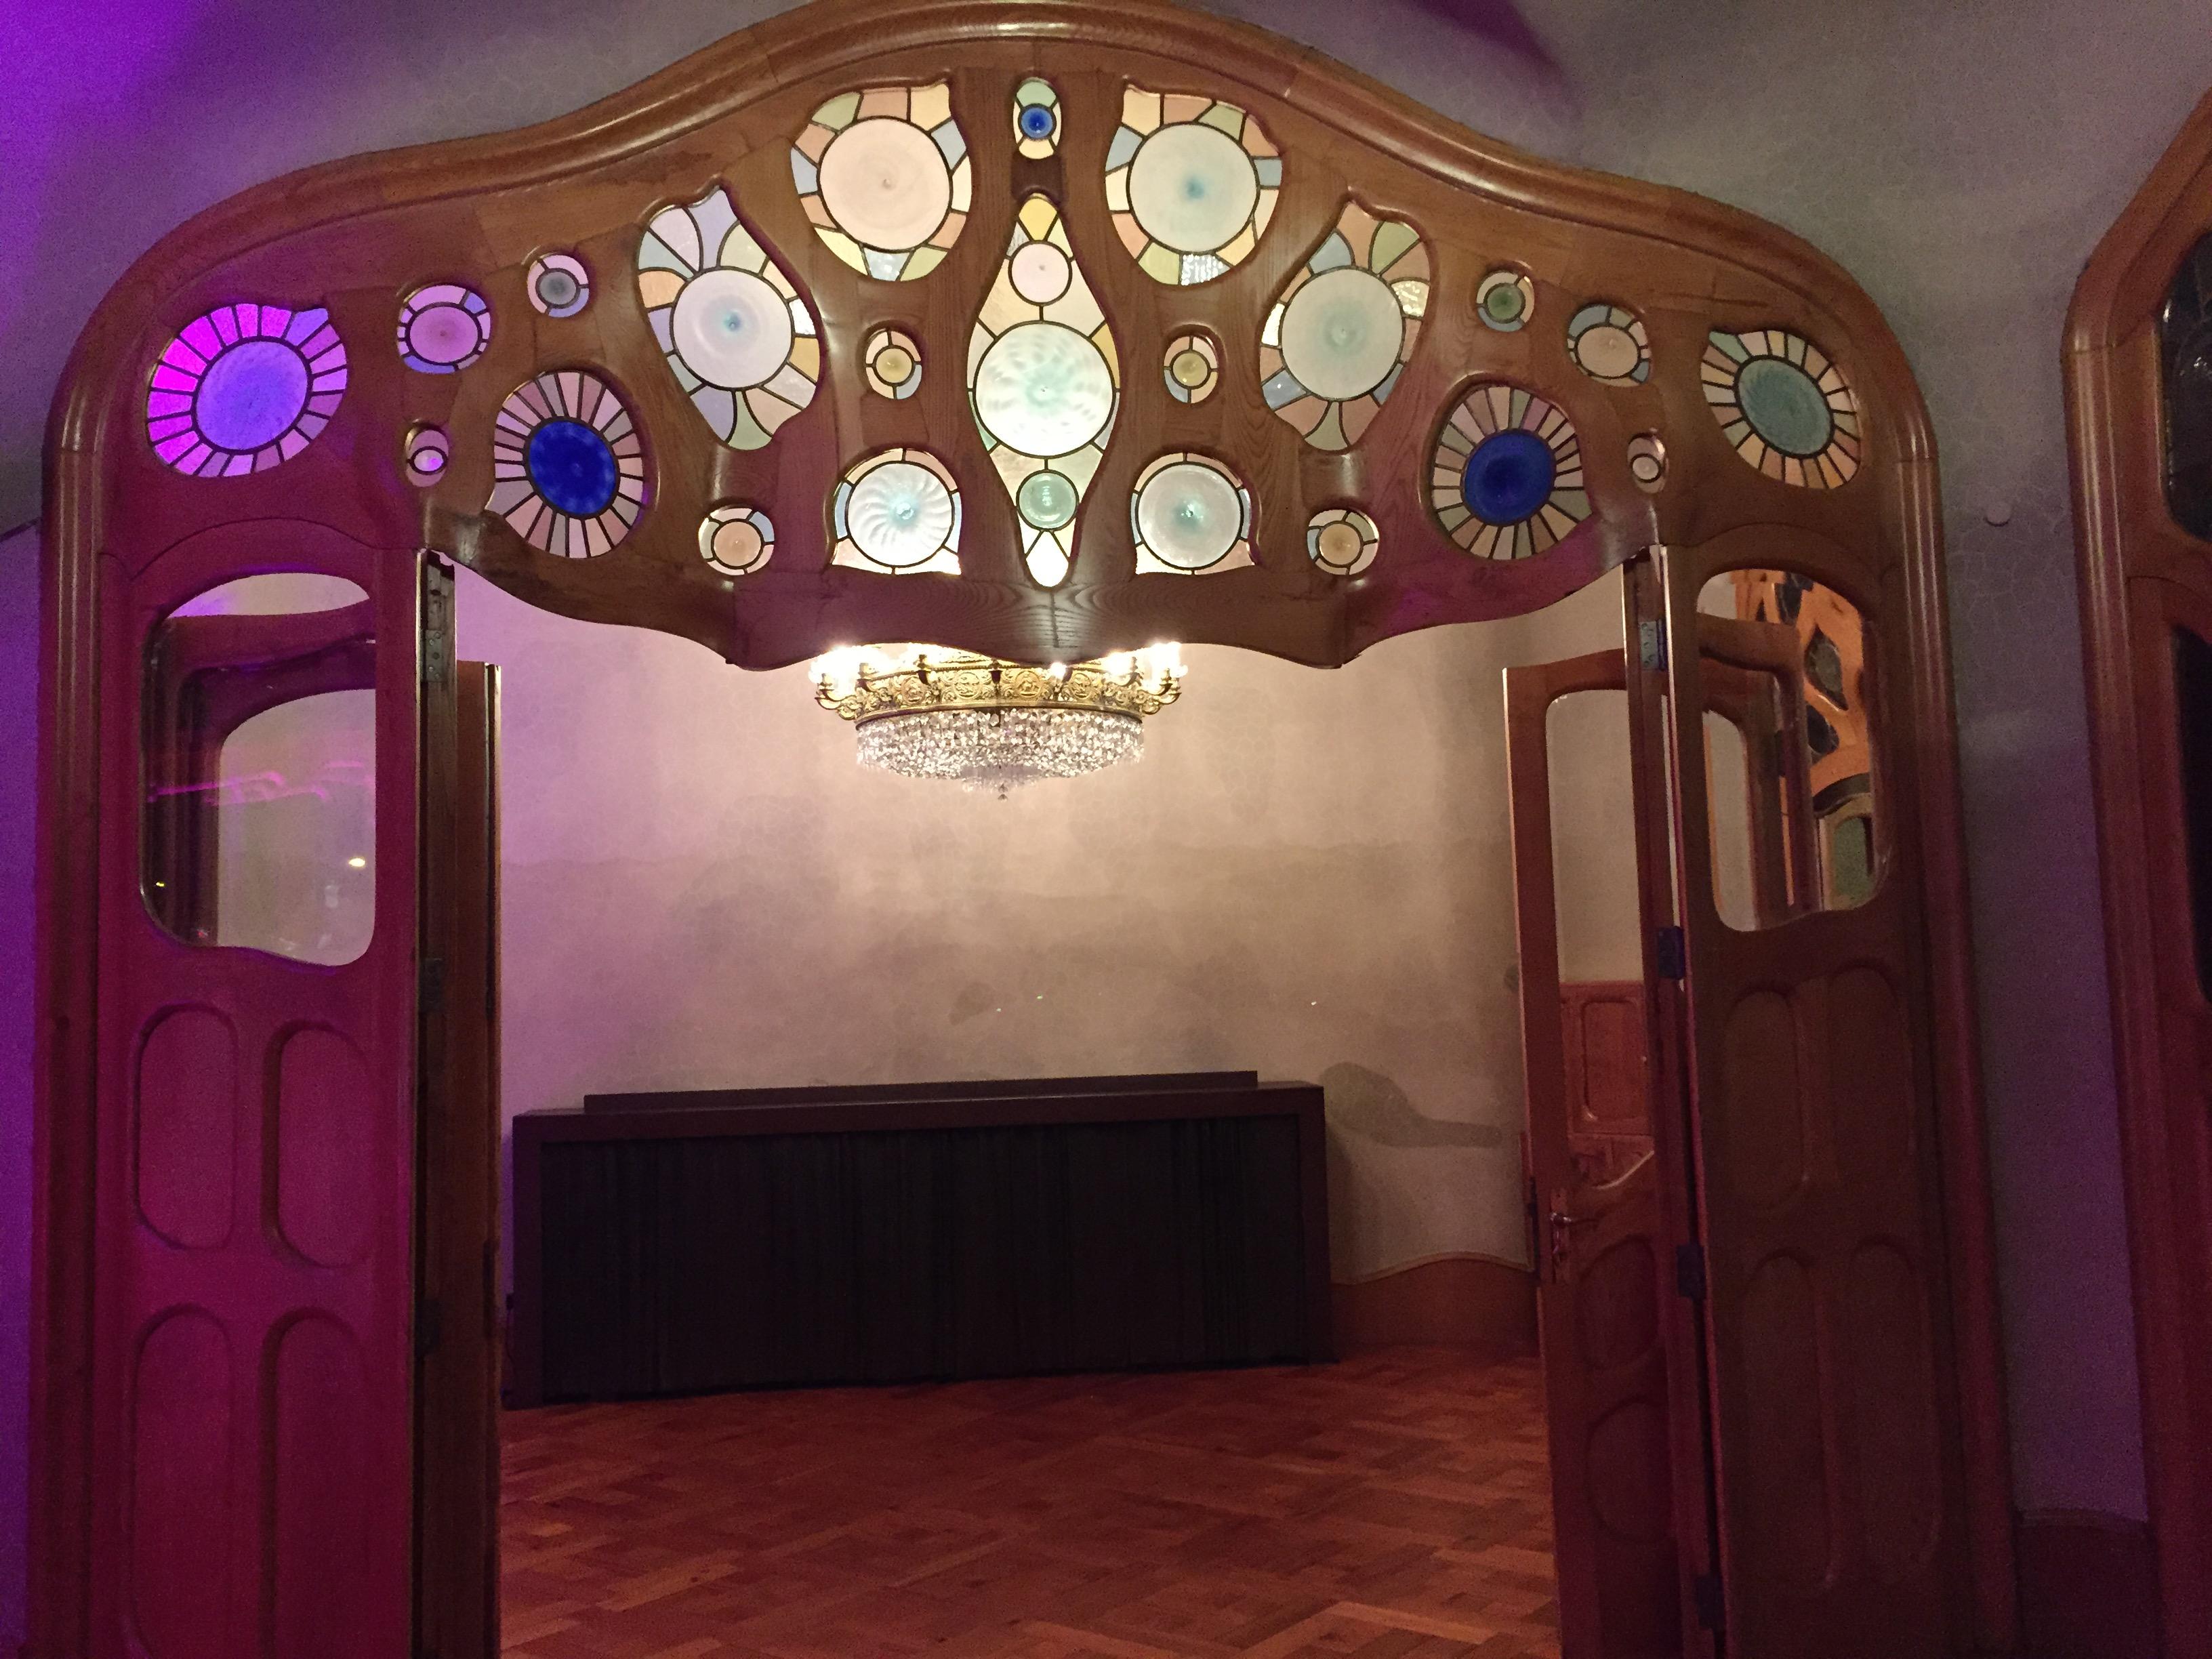 IMG 0838 - Visita a la Casa Batlló en Barcelona Parte I/II